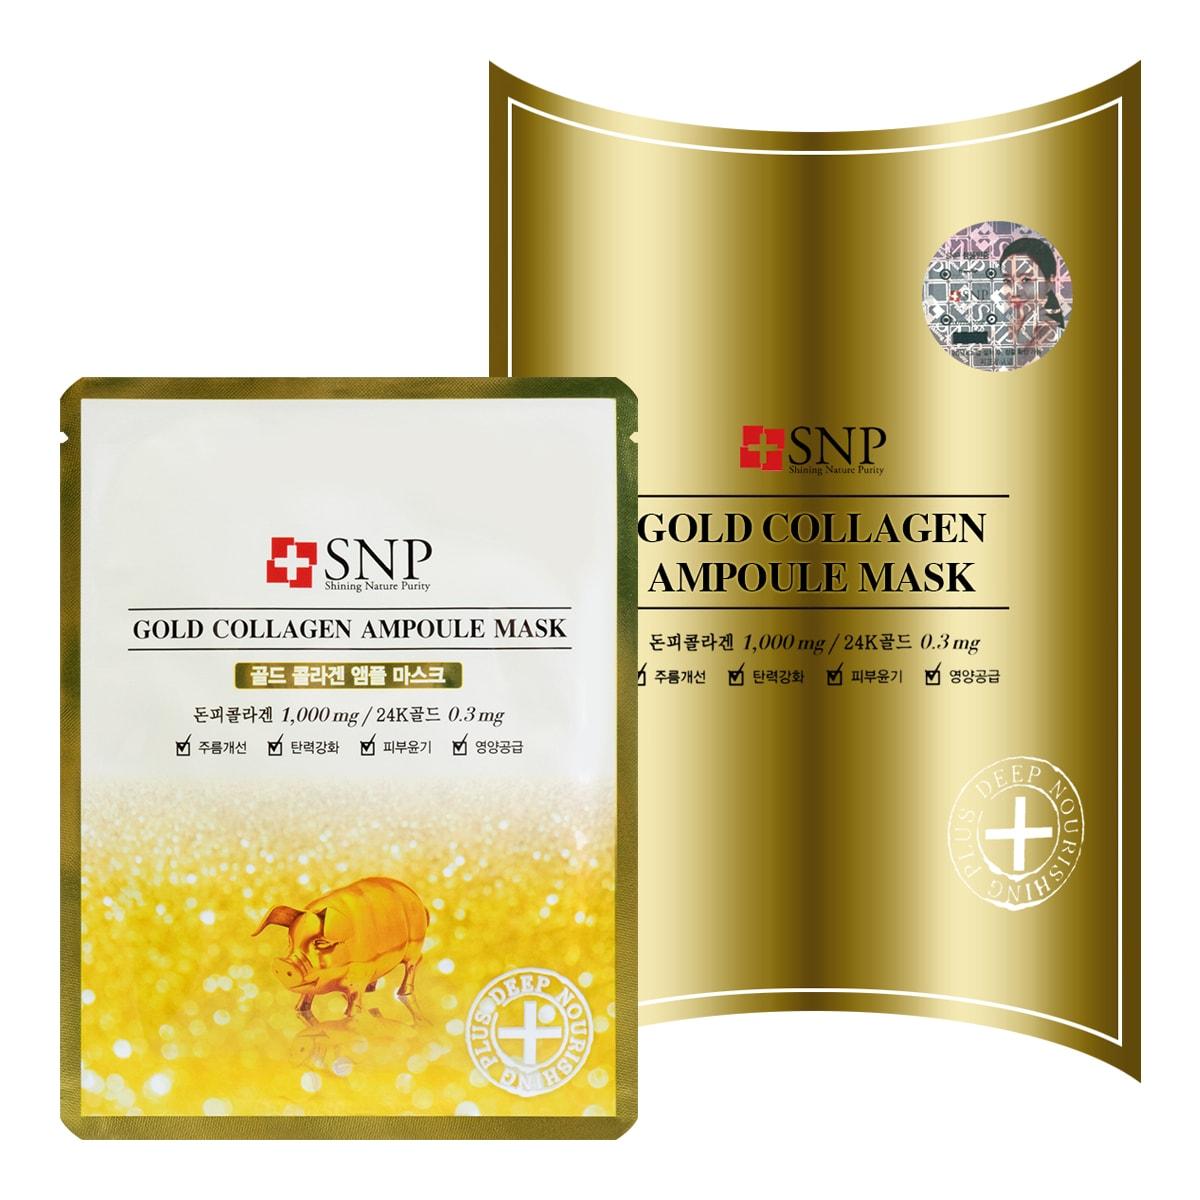 韩国SNP 黄金胶原蛋白保湿紧肤面膜 10片入